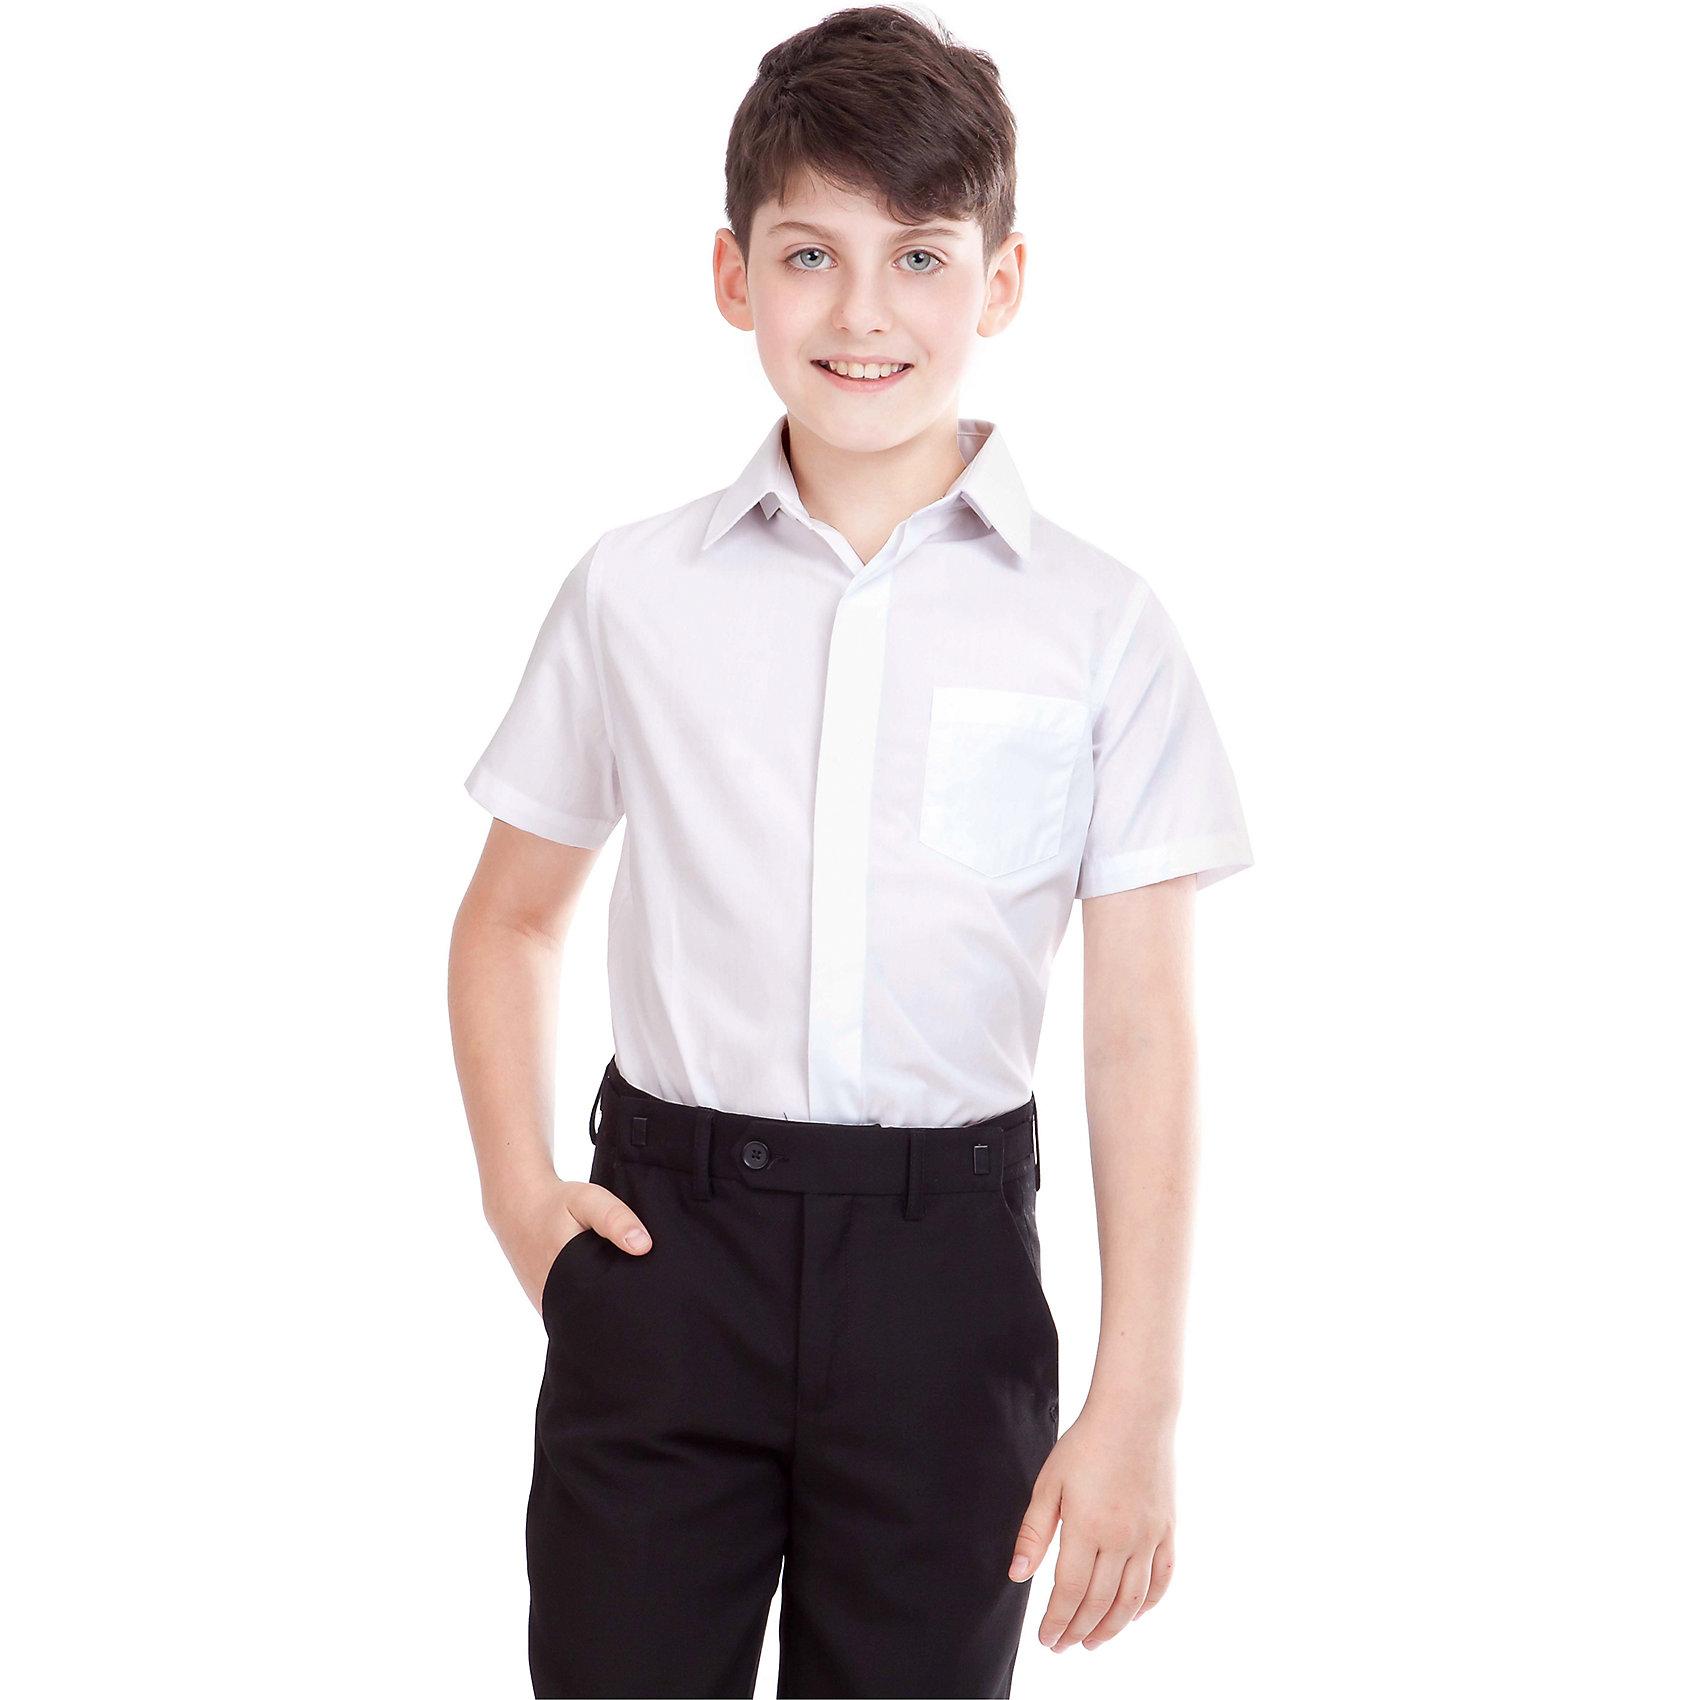 Рубашка для мальчика GulliverБлузки и рубашки<br>Рубашка для мальчика от российского бренда Gulliver.<br>Классическая белая рубашка с коротким рукавом должна быть и в зимнем гардеробе школьника, ведь в школе бывает очень жарко.  Современный крой обеспечивает прекрасную посадку изделия на фигуре.<br>Состав:<br>80%Хлопок 20%Полиэстер<br><br>Ширина мм: 174<br>Глубина мм: 10<br>Высота мм: 169<br>Вес г: 157<br>Цвет: белый<br>Возраст от месяцев: 108<br>Возраст до месяцев: 120<br>Пол: Мужской<br>Возраст: Детский<br>Размер: 140,164,158,152,146,134,128,122<br>SKU: 4174550